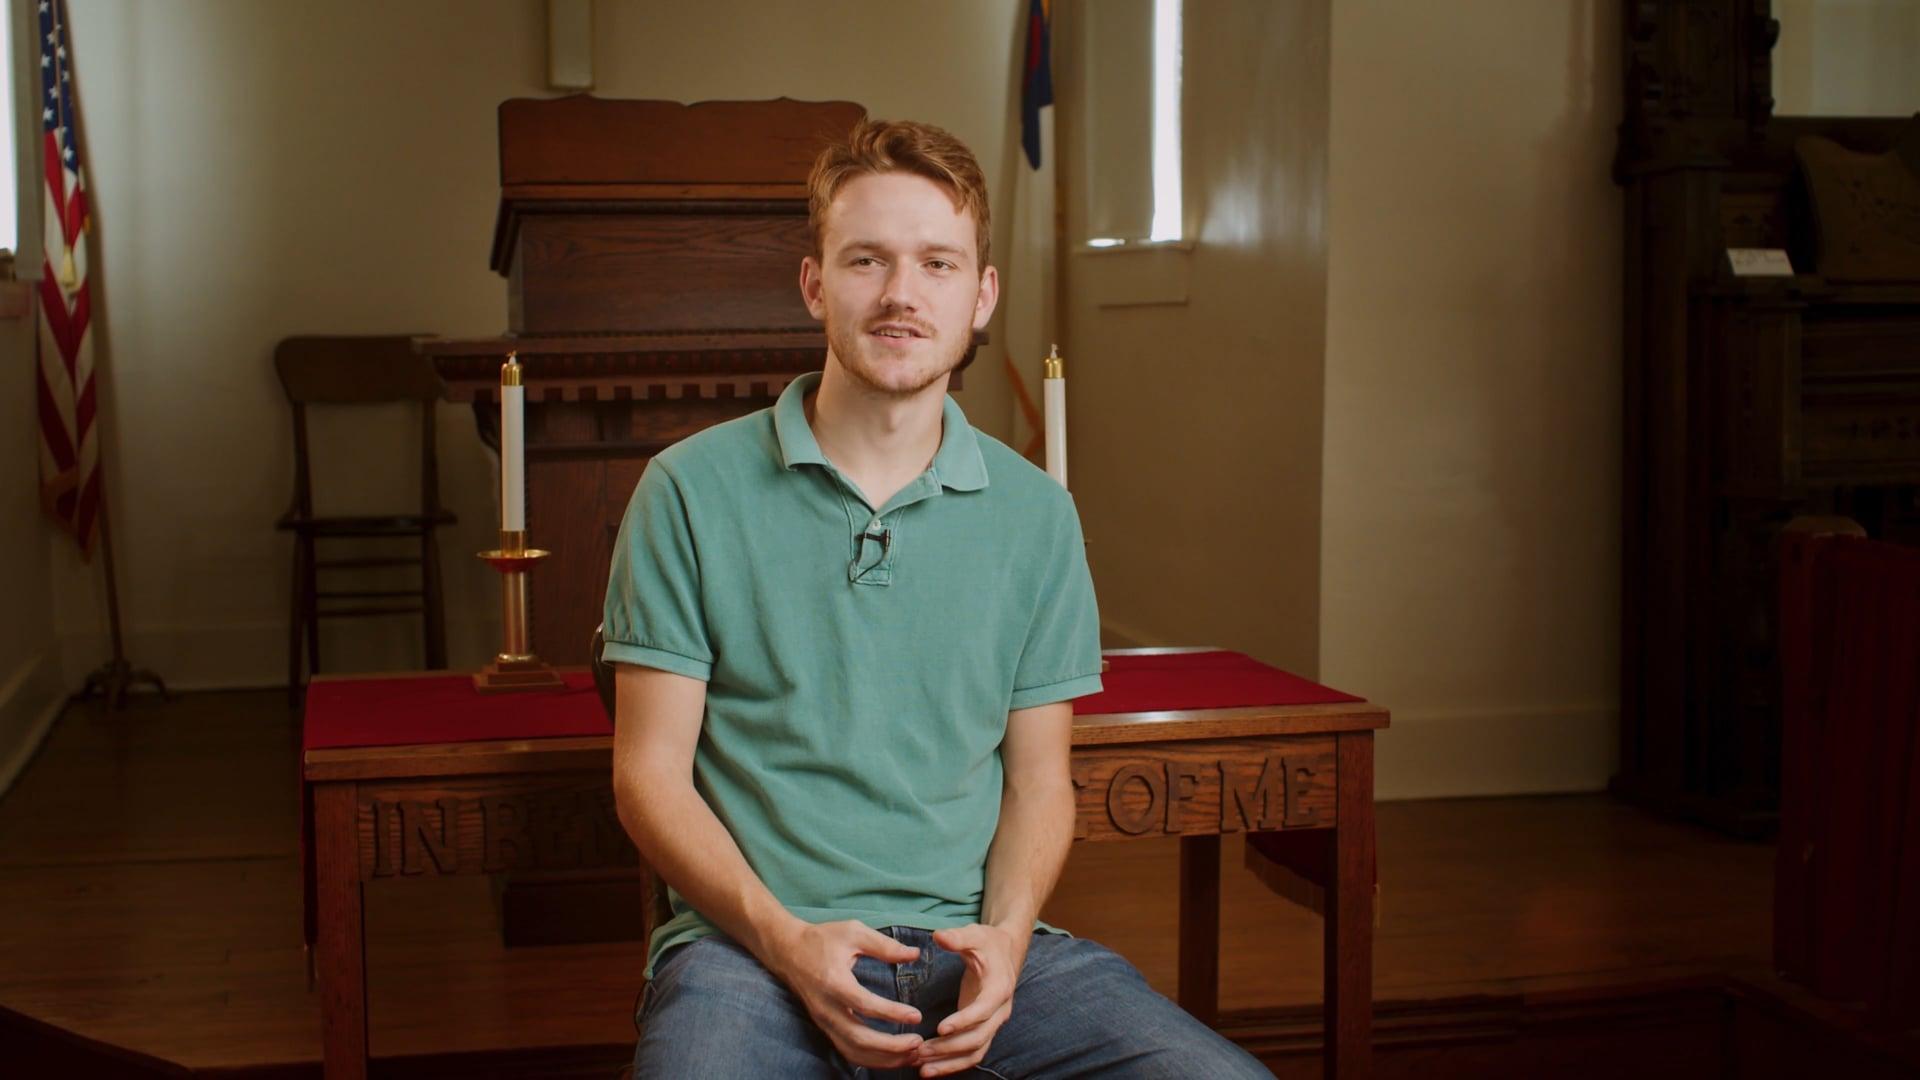 Andrew's Testimony